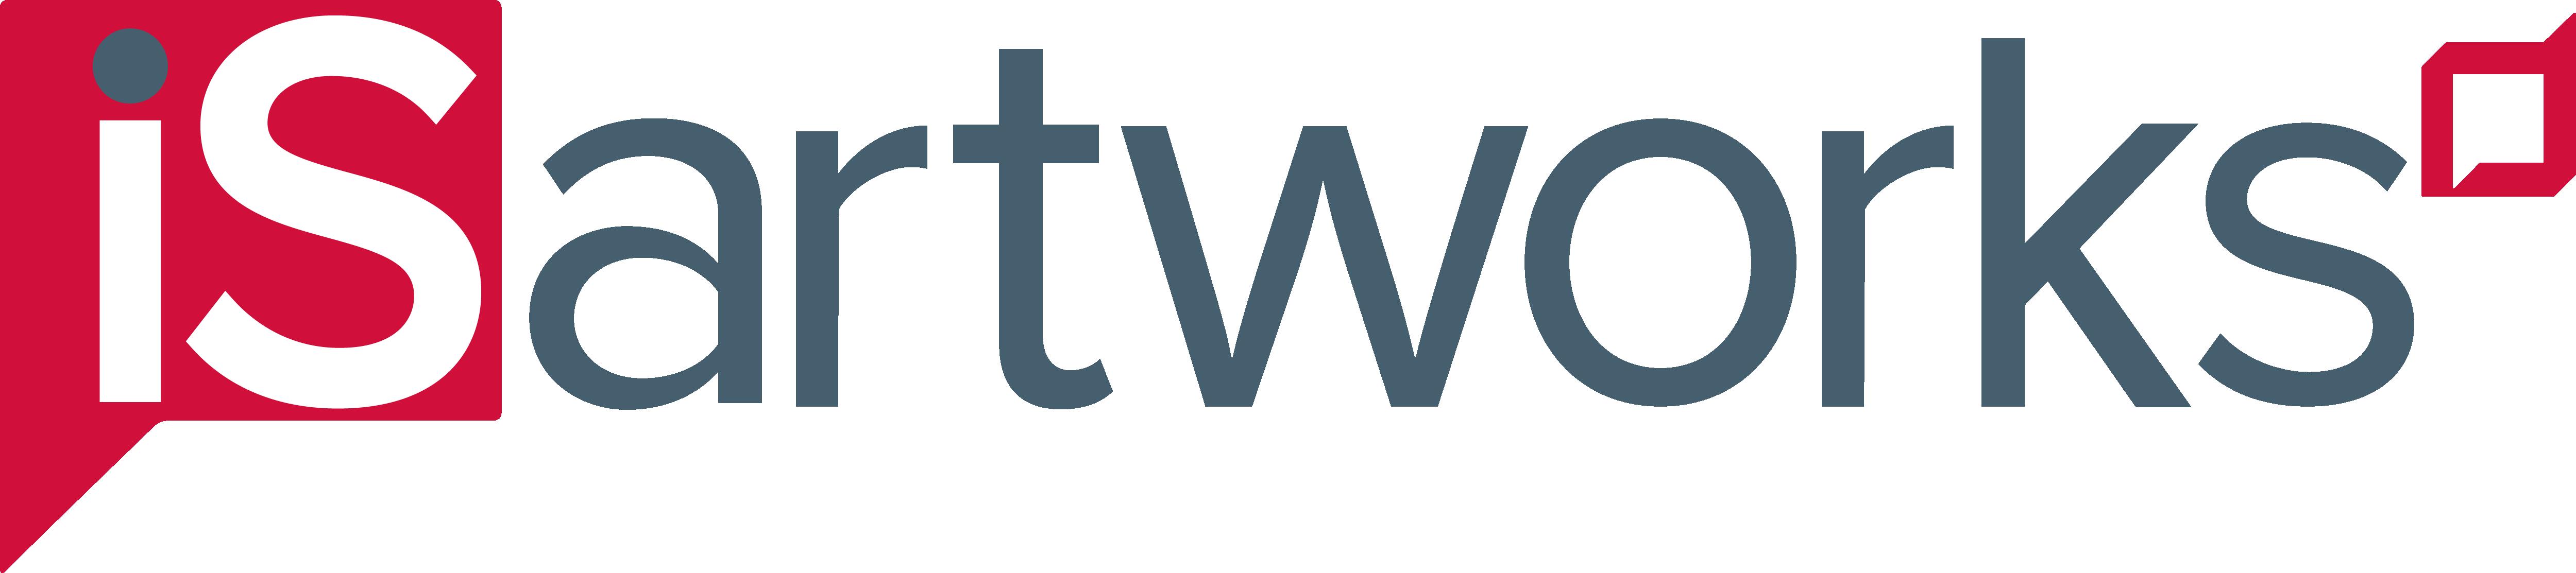 isArtworks